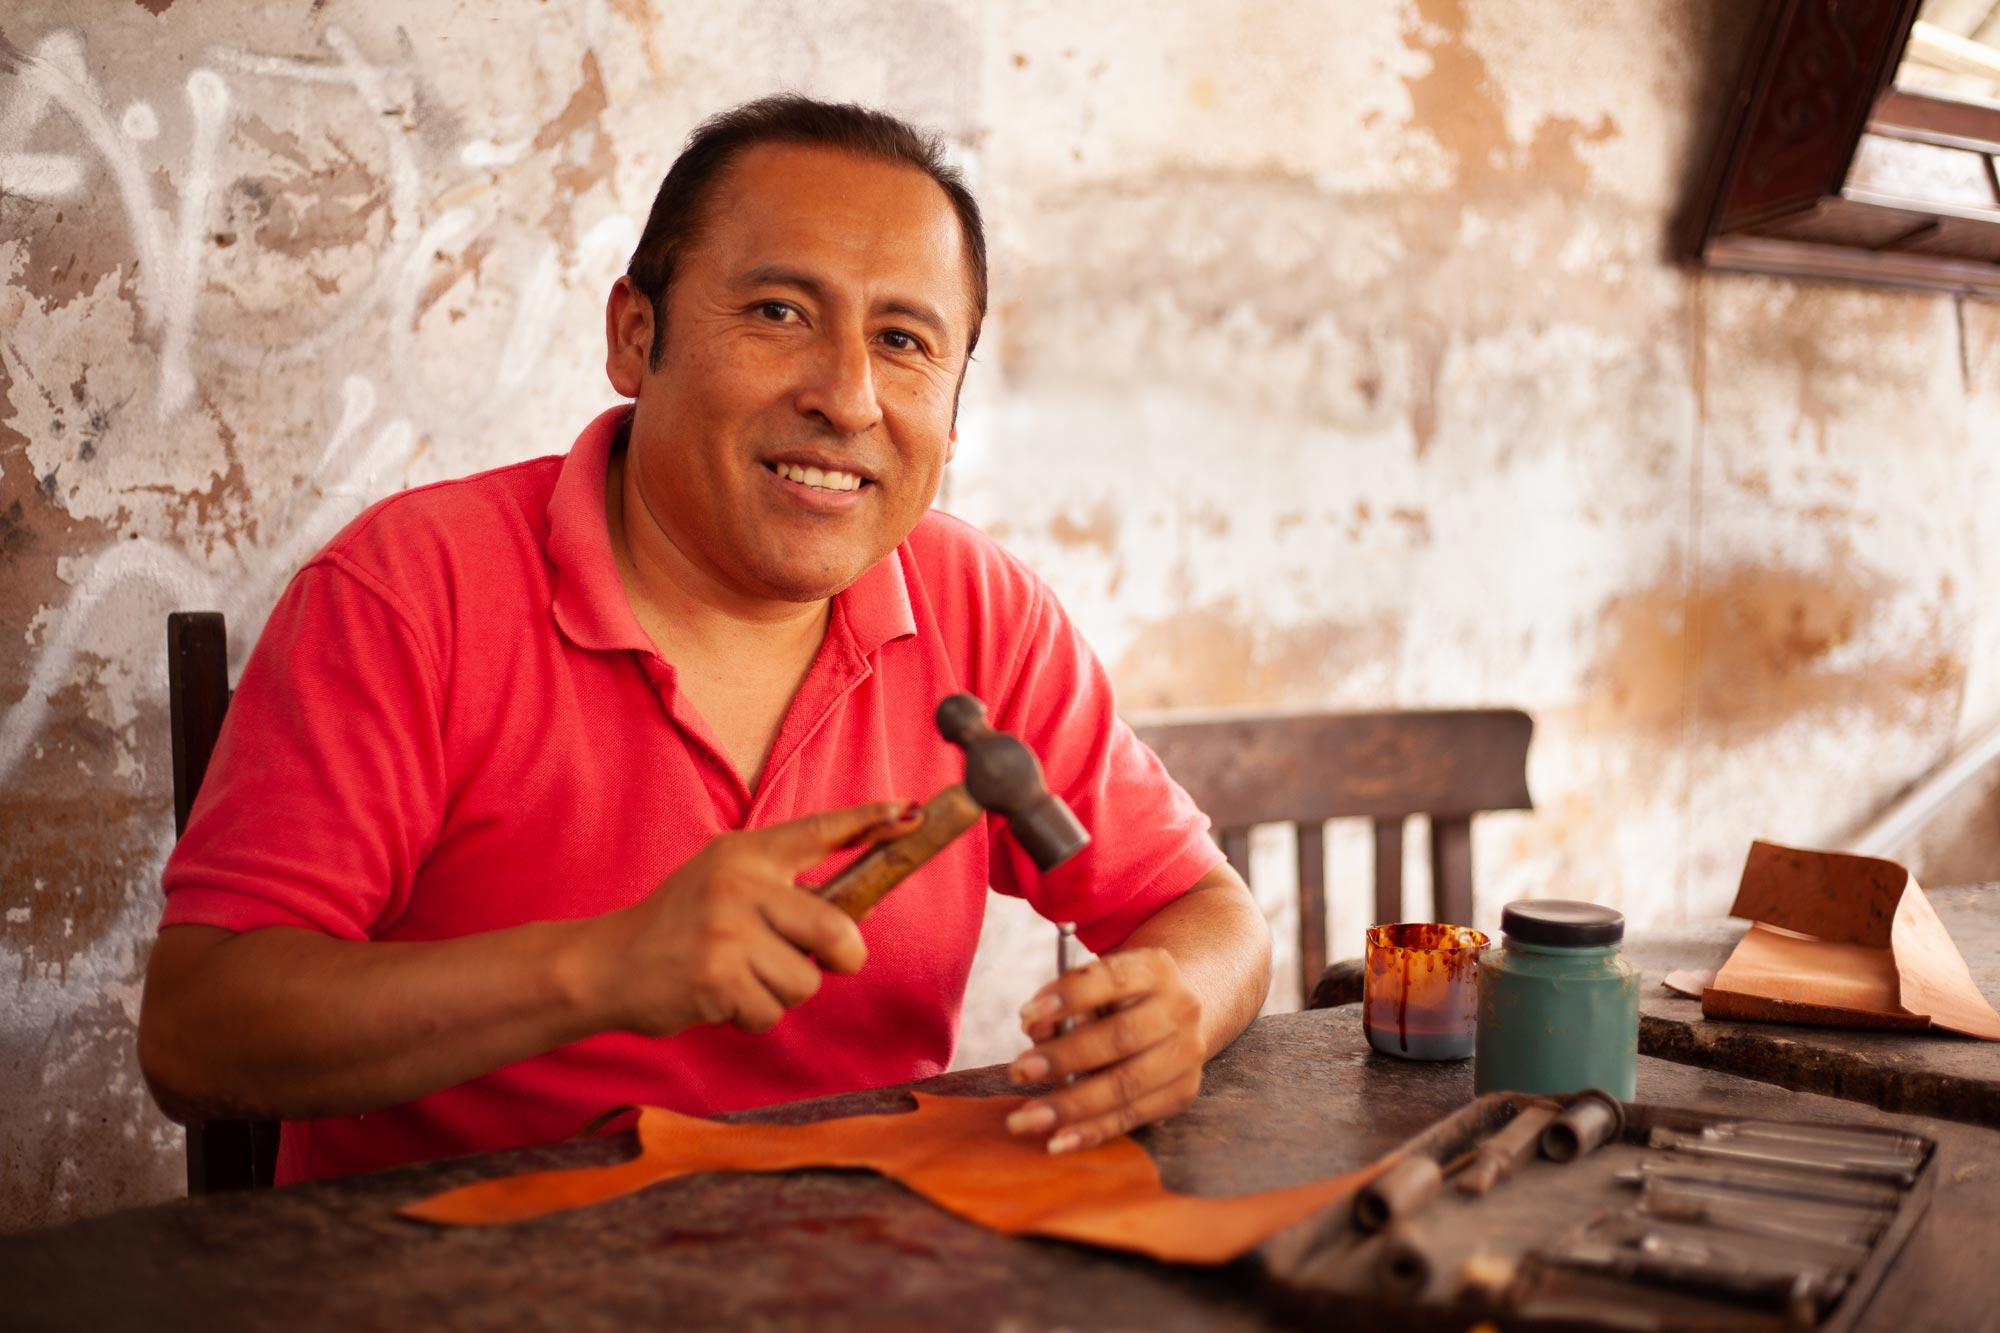 Johnny Jimenez